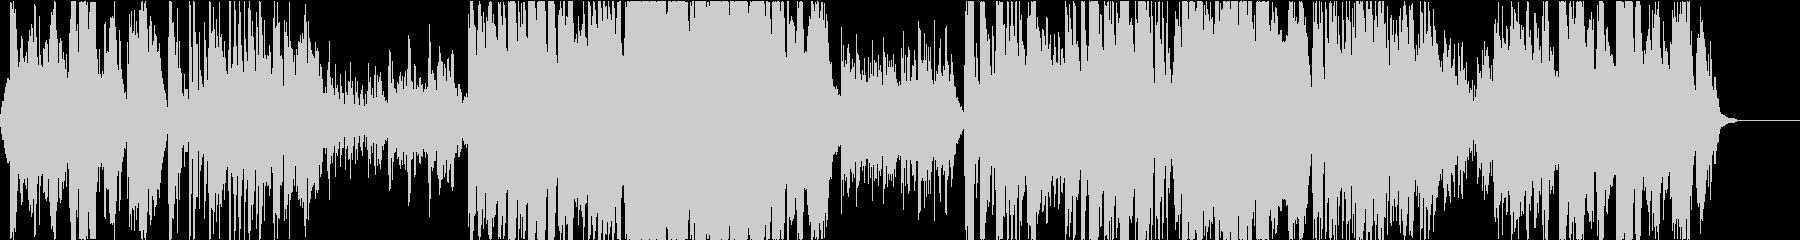 二胡の壮大で哀愁あるオリエンタルの未再生の波形